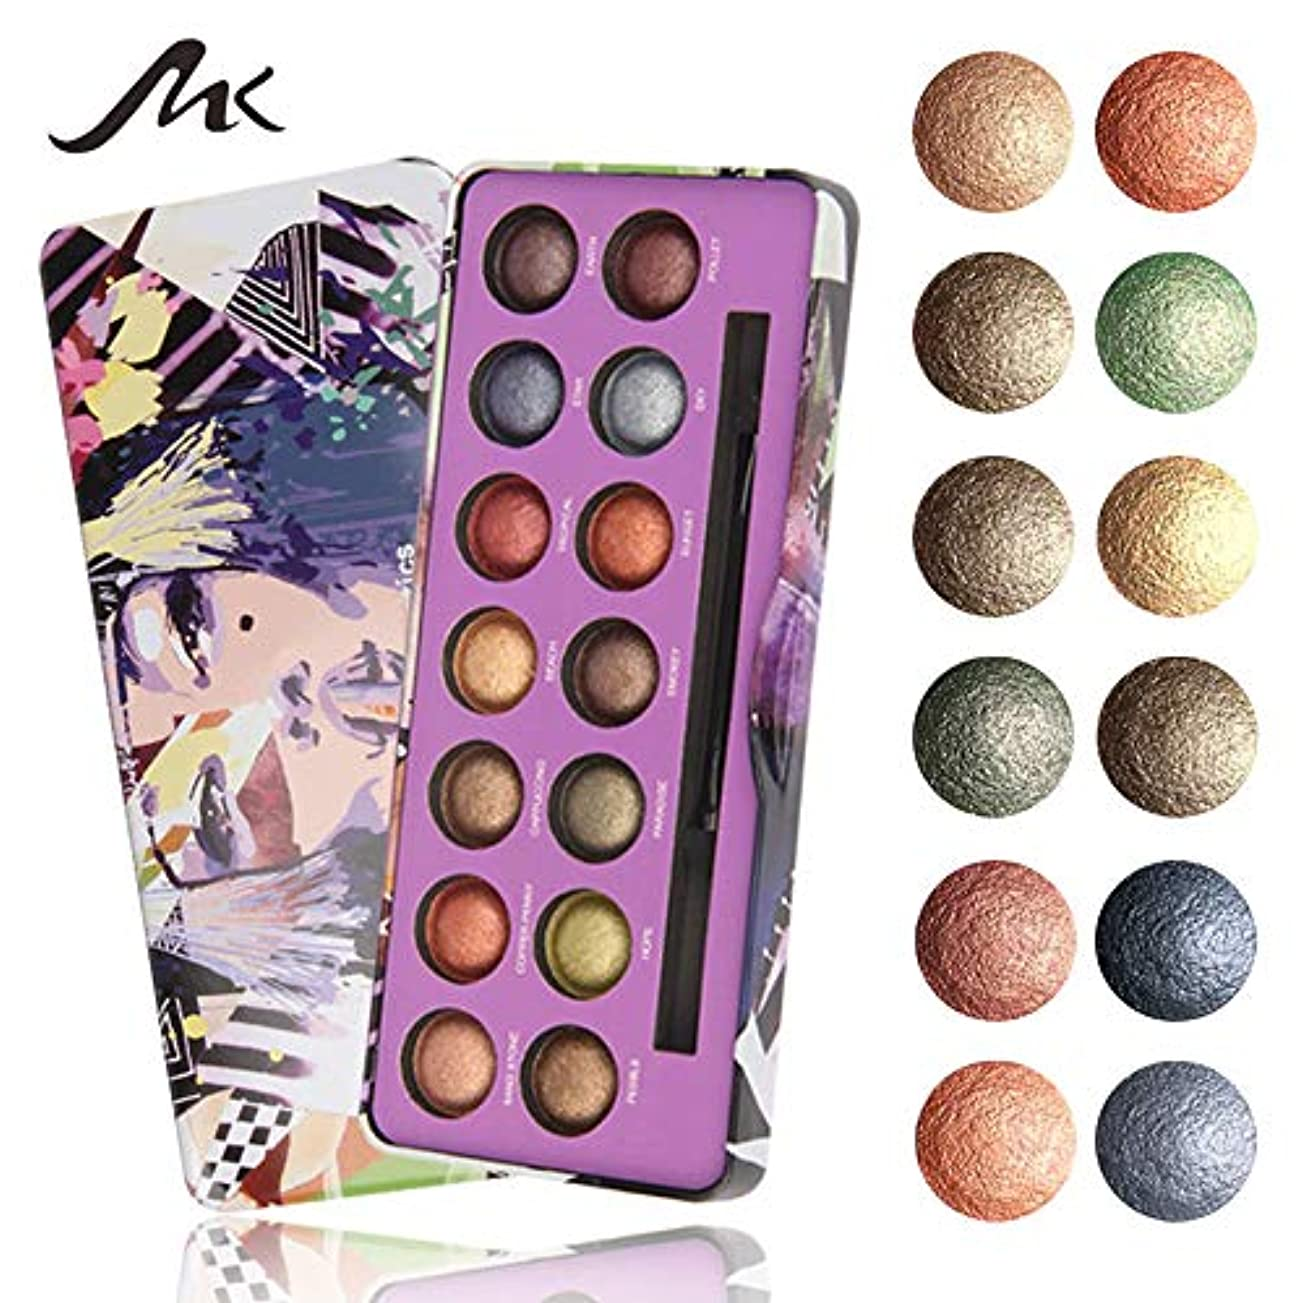 アウトドアファイバリーンAkane アイシャドウパレット MK 綺麗 人気 気質的 真珠光沢 チャーム 魅力的 マット つや消し 長持ち ファッション 防水 おしゃれ 持ち便利 Eye Shadow (14色) 8293